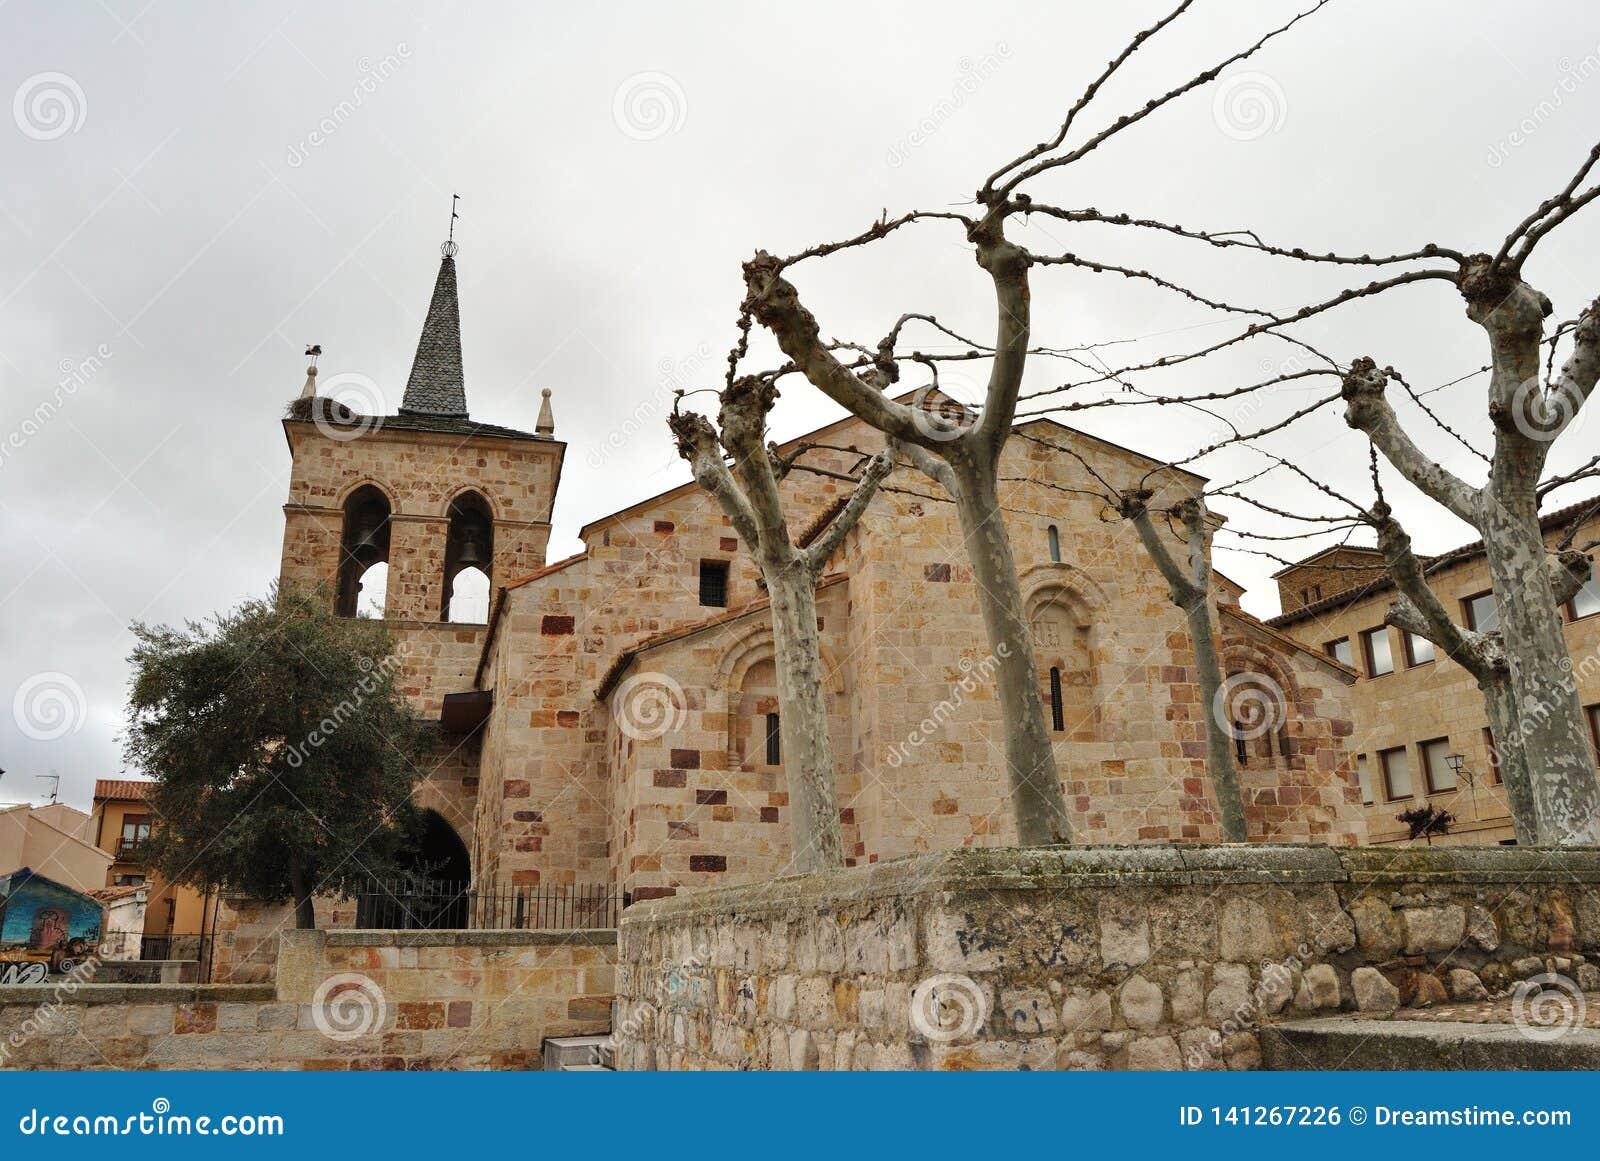 San Cipriano Church, Zamora, Spain